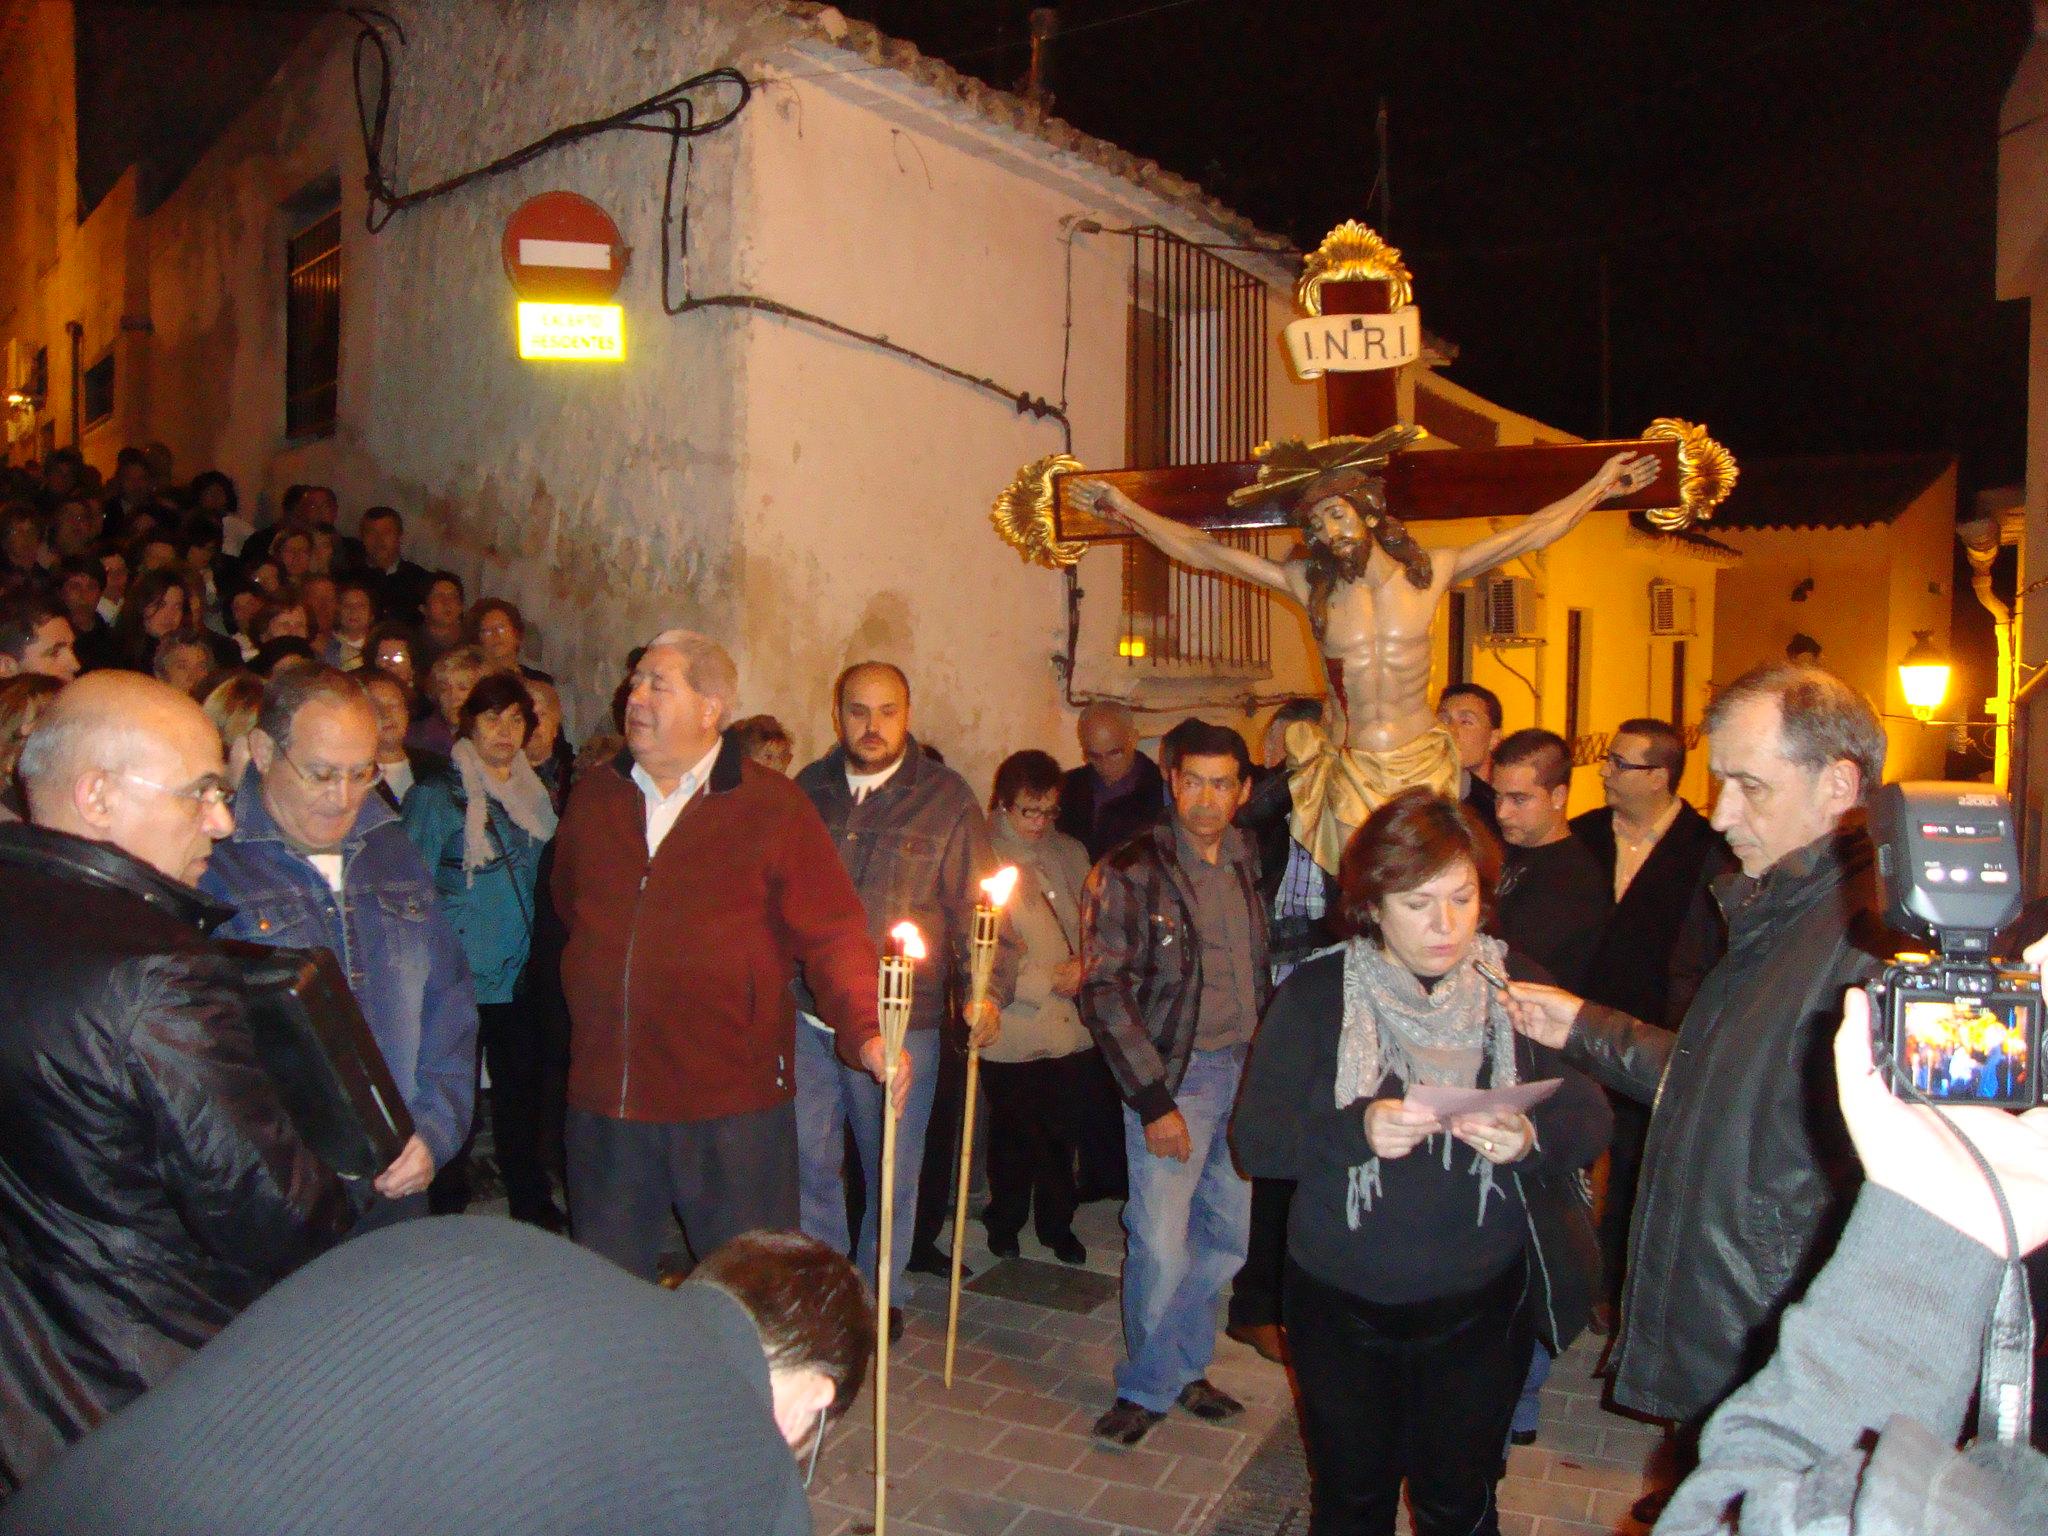 (2011-04-15) - II Vía Crucis nocturno - Javier Montesinos Villaplana -  (05)